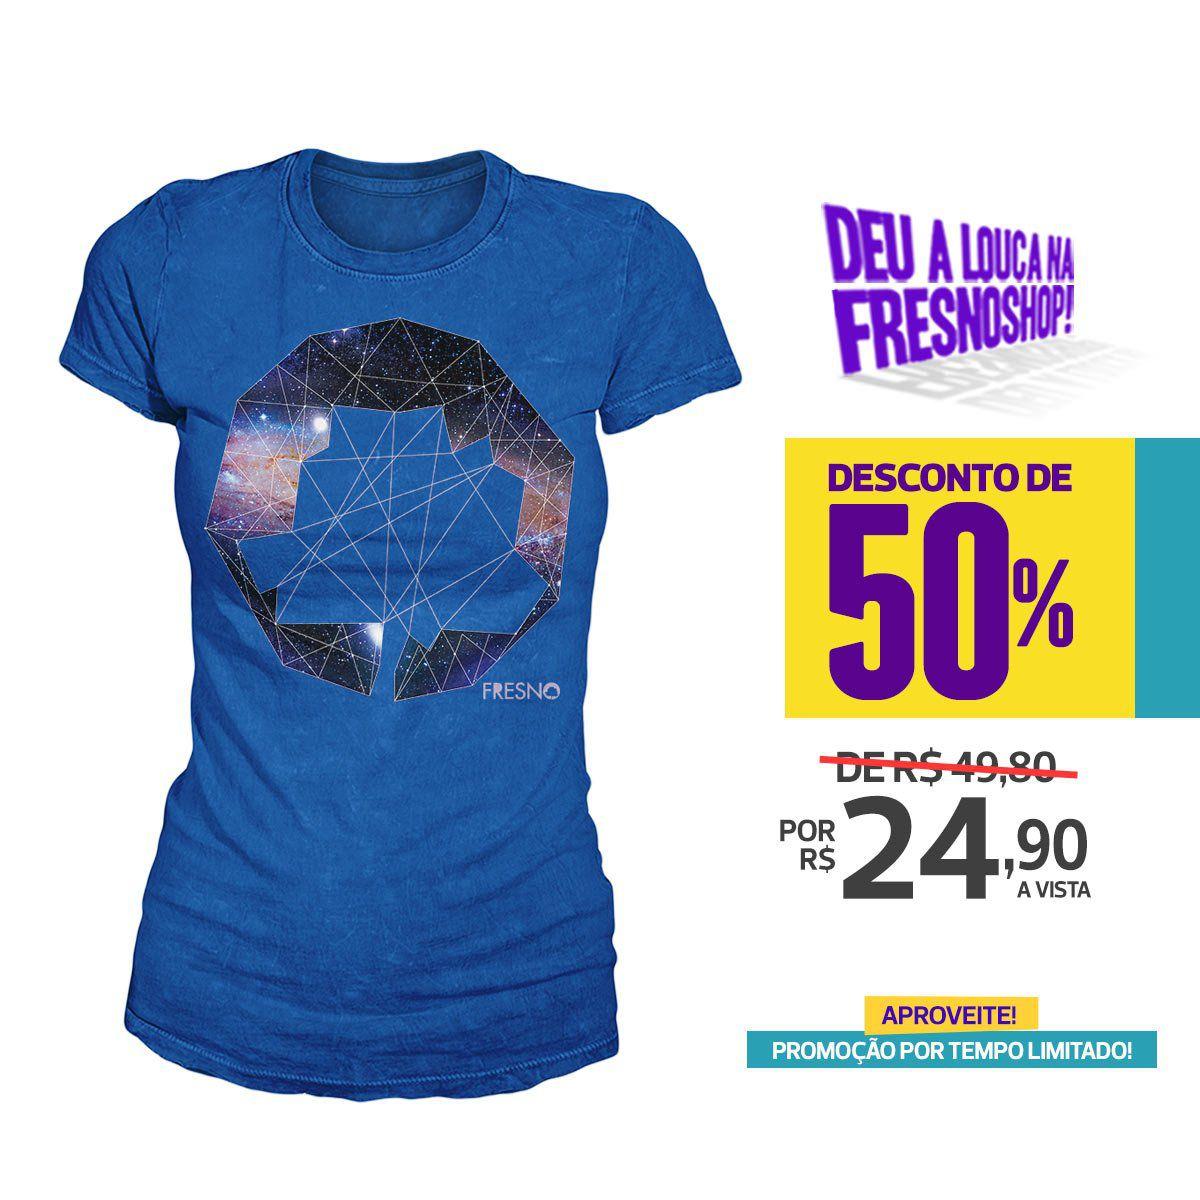 SUPER PROMOÇÃO Fresno - Camiseta Feminina Logo Galáxias AZUL